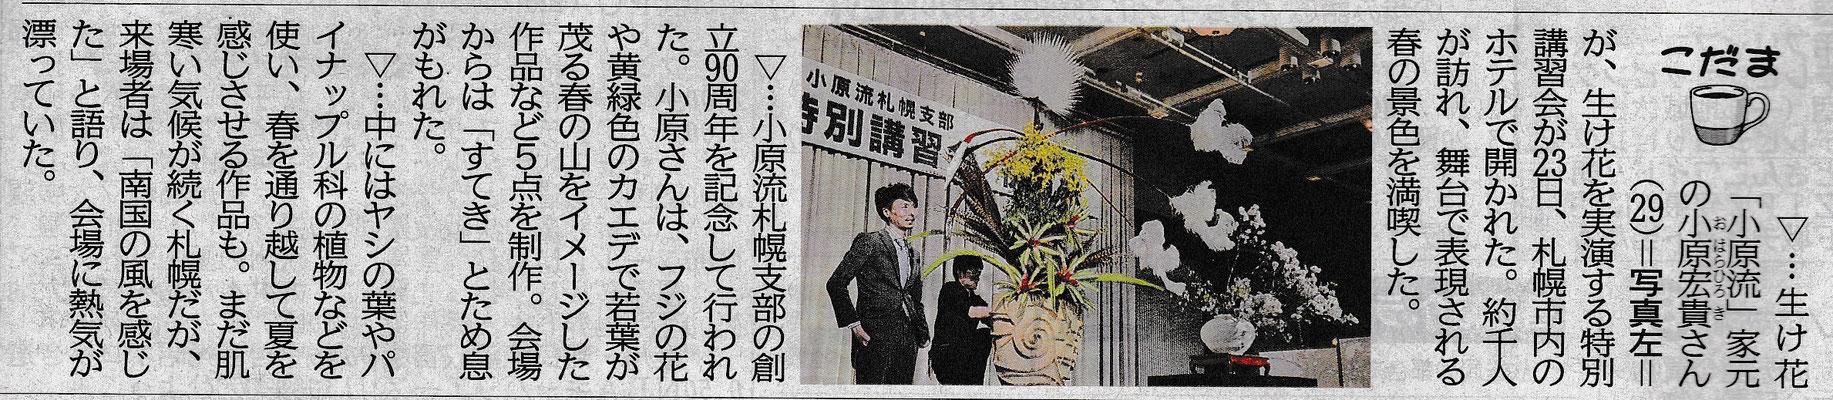 <北海道新聞2017年4月24日(月曜日)付け朝刊に掲載された記事です>